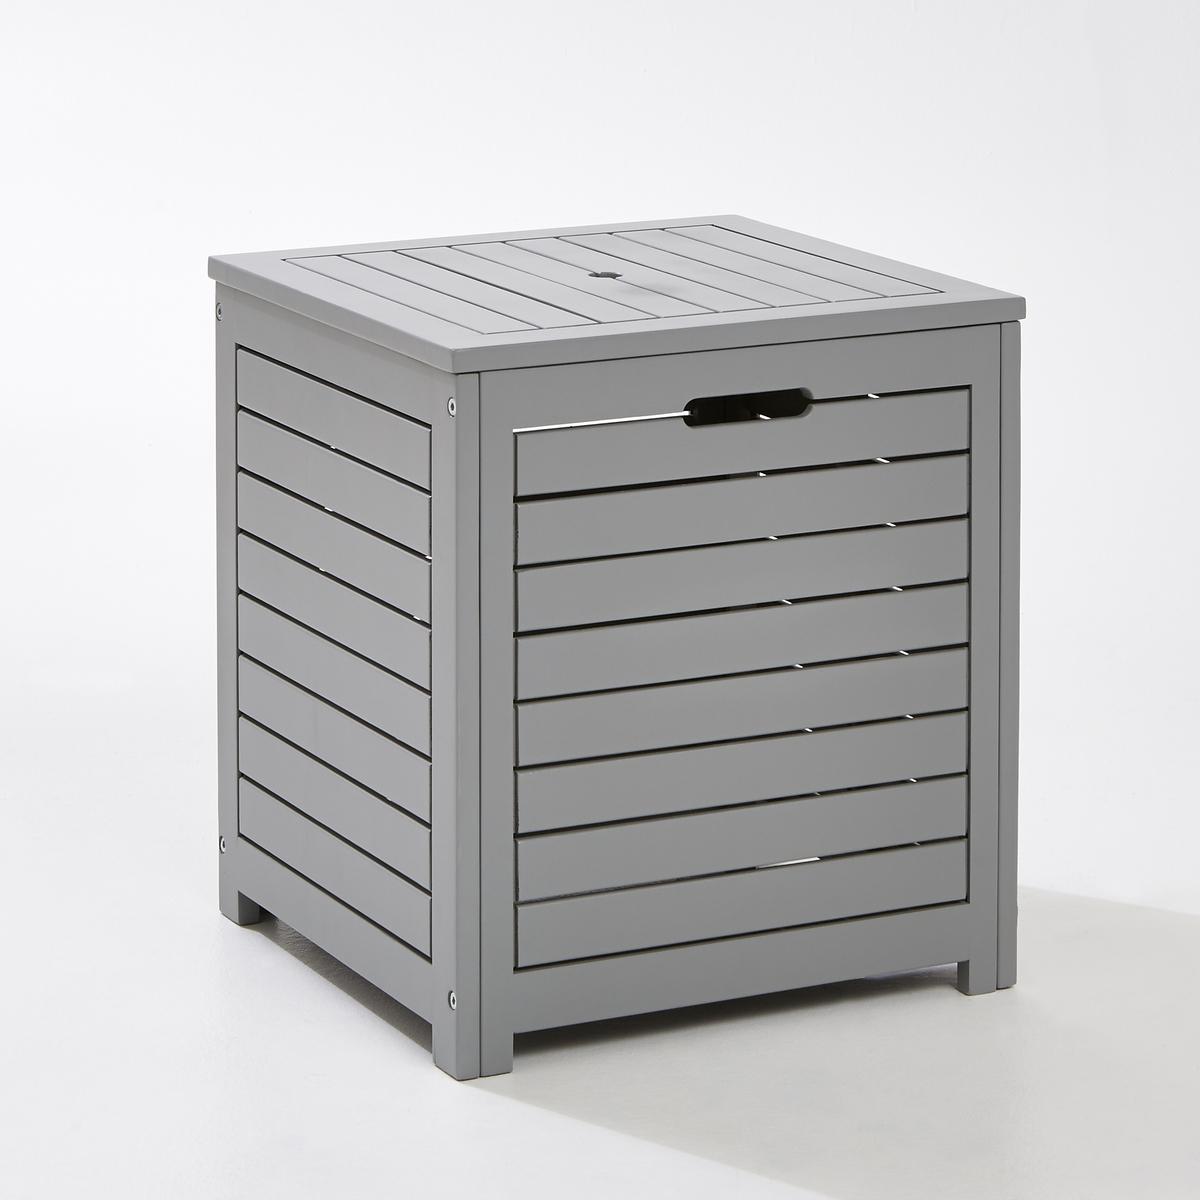 Ящик для хранения квадратный, акацияКвадратный ящик для хранения, акация : В саду, на террасе или на балконе, этот ящик  позволит сберечь от жара и влажности  игрушки,подушки...Характеристики : Акация, морение  Размеры : Ширина : 45 см Глубина : 45 см Высота : 50 смРазмеры и вес ящика :1 упаковкаШирина 52 x Длина 47.5 x Высота 13.5 см8 кгКачество :Акация- древесина с уникальными свойствами-плотность, устойчивость к насекомым,влаге..Доставка :Поставляется в разобранном виде . Возможна доставка до квартиры !Внимание ! Убедитесь, что посылку возможно доставить на дом, учитывая ее габариты<br><br>Цвет: серый